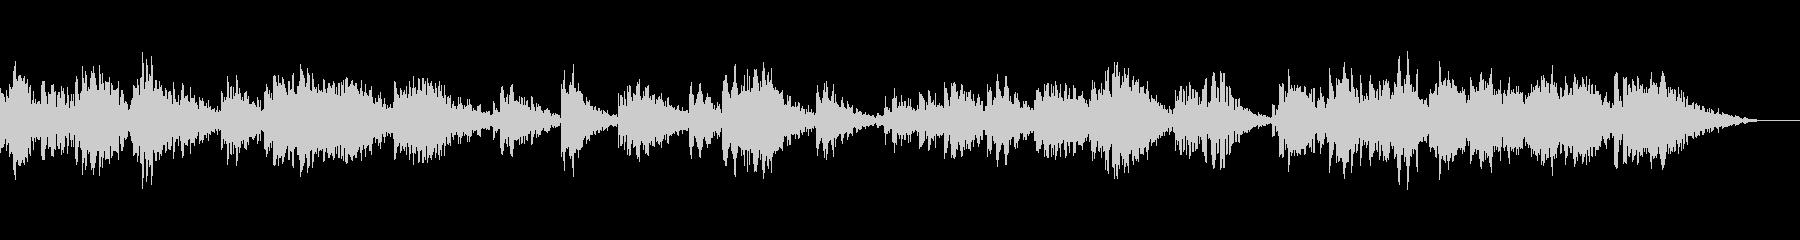 透明感のあるパッドによるアンビエント音楽の未再生の波形